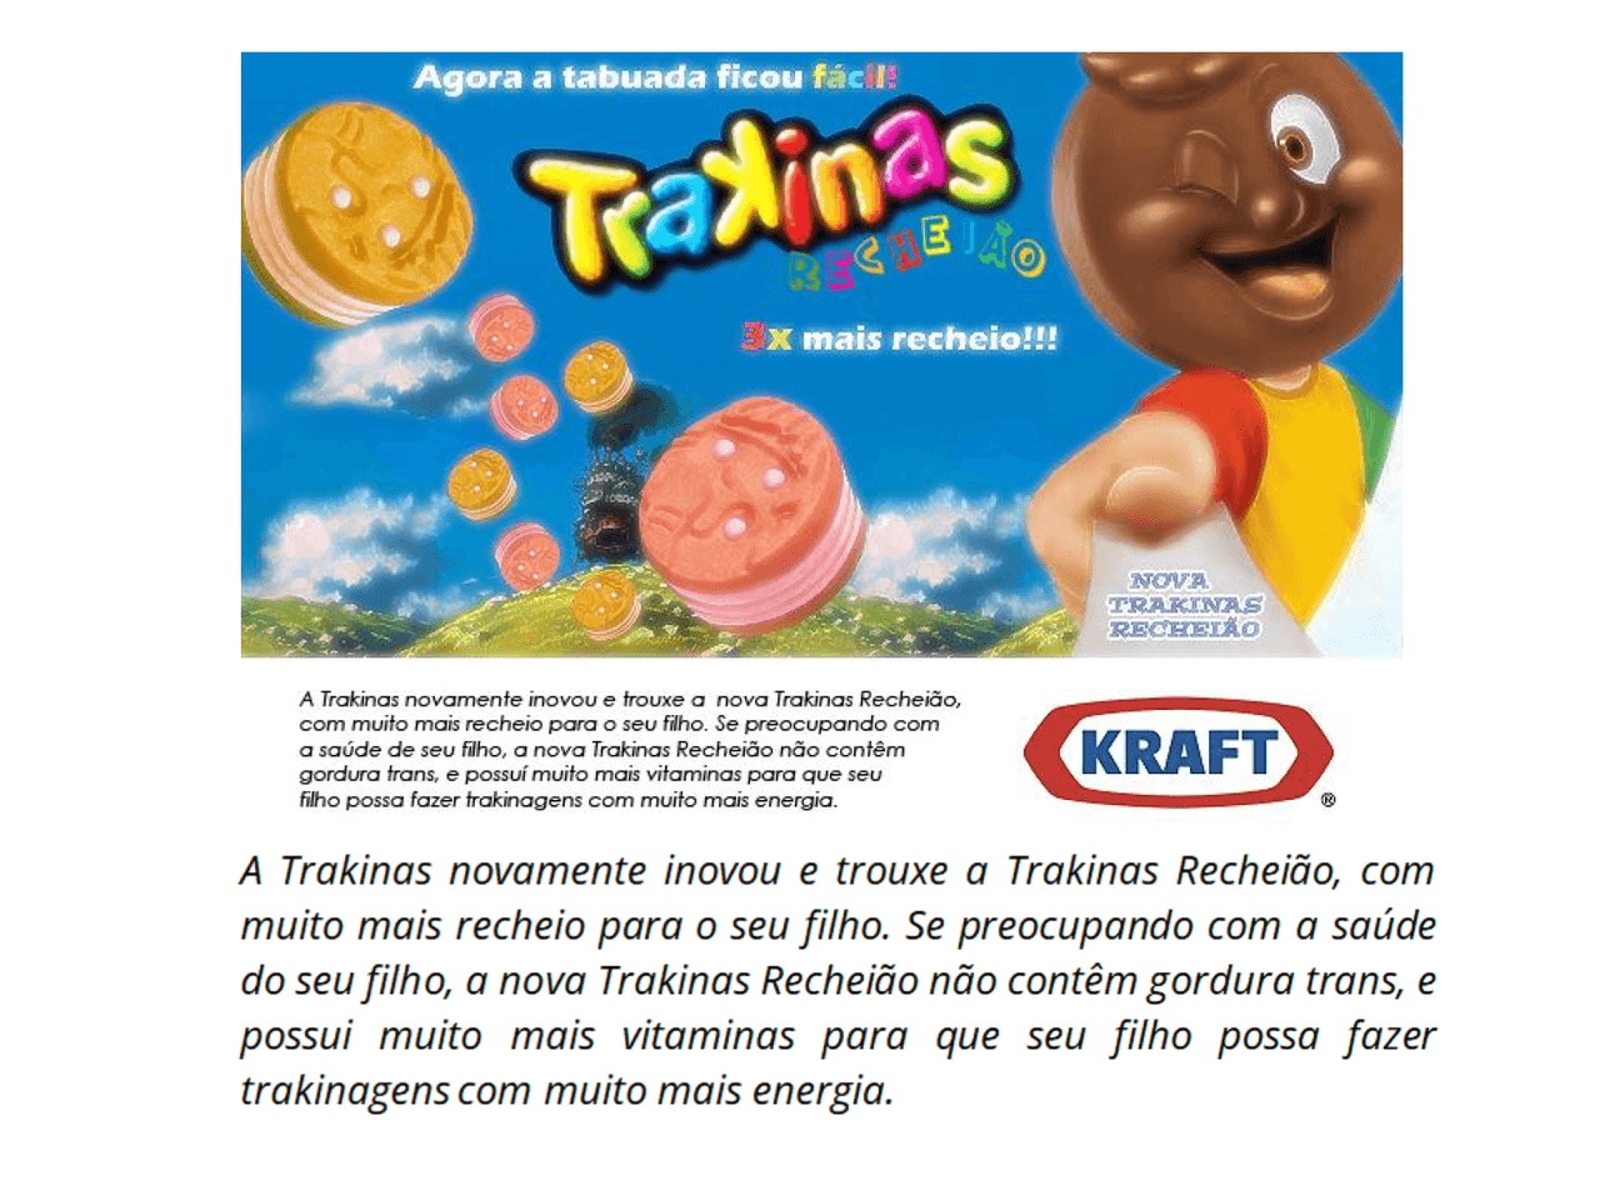 Apresentação de propostas orais: A questão da publicidade infantil no Brasil